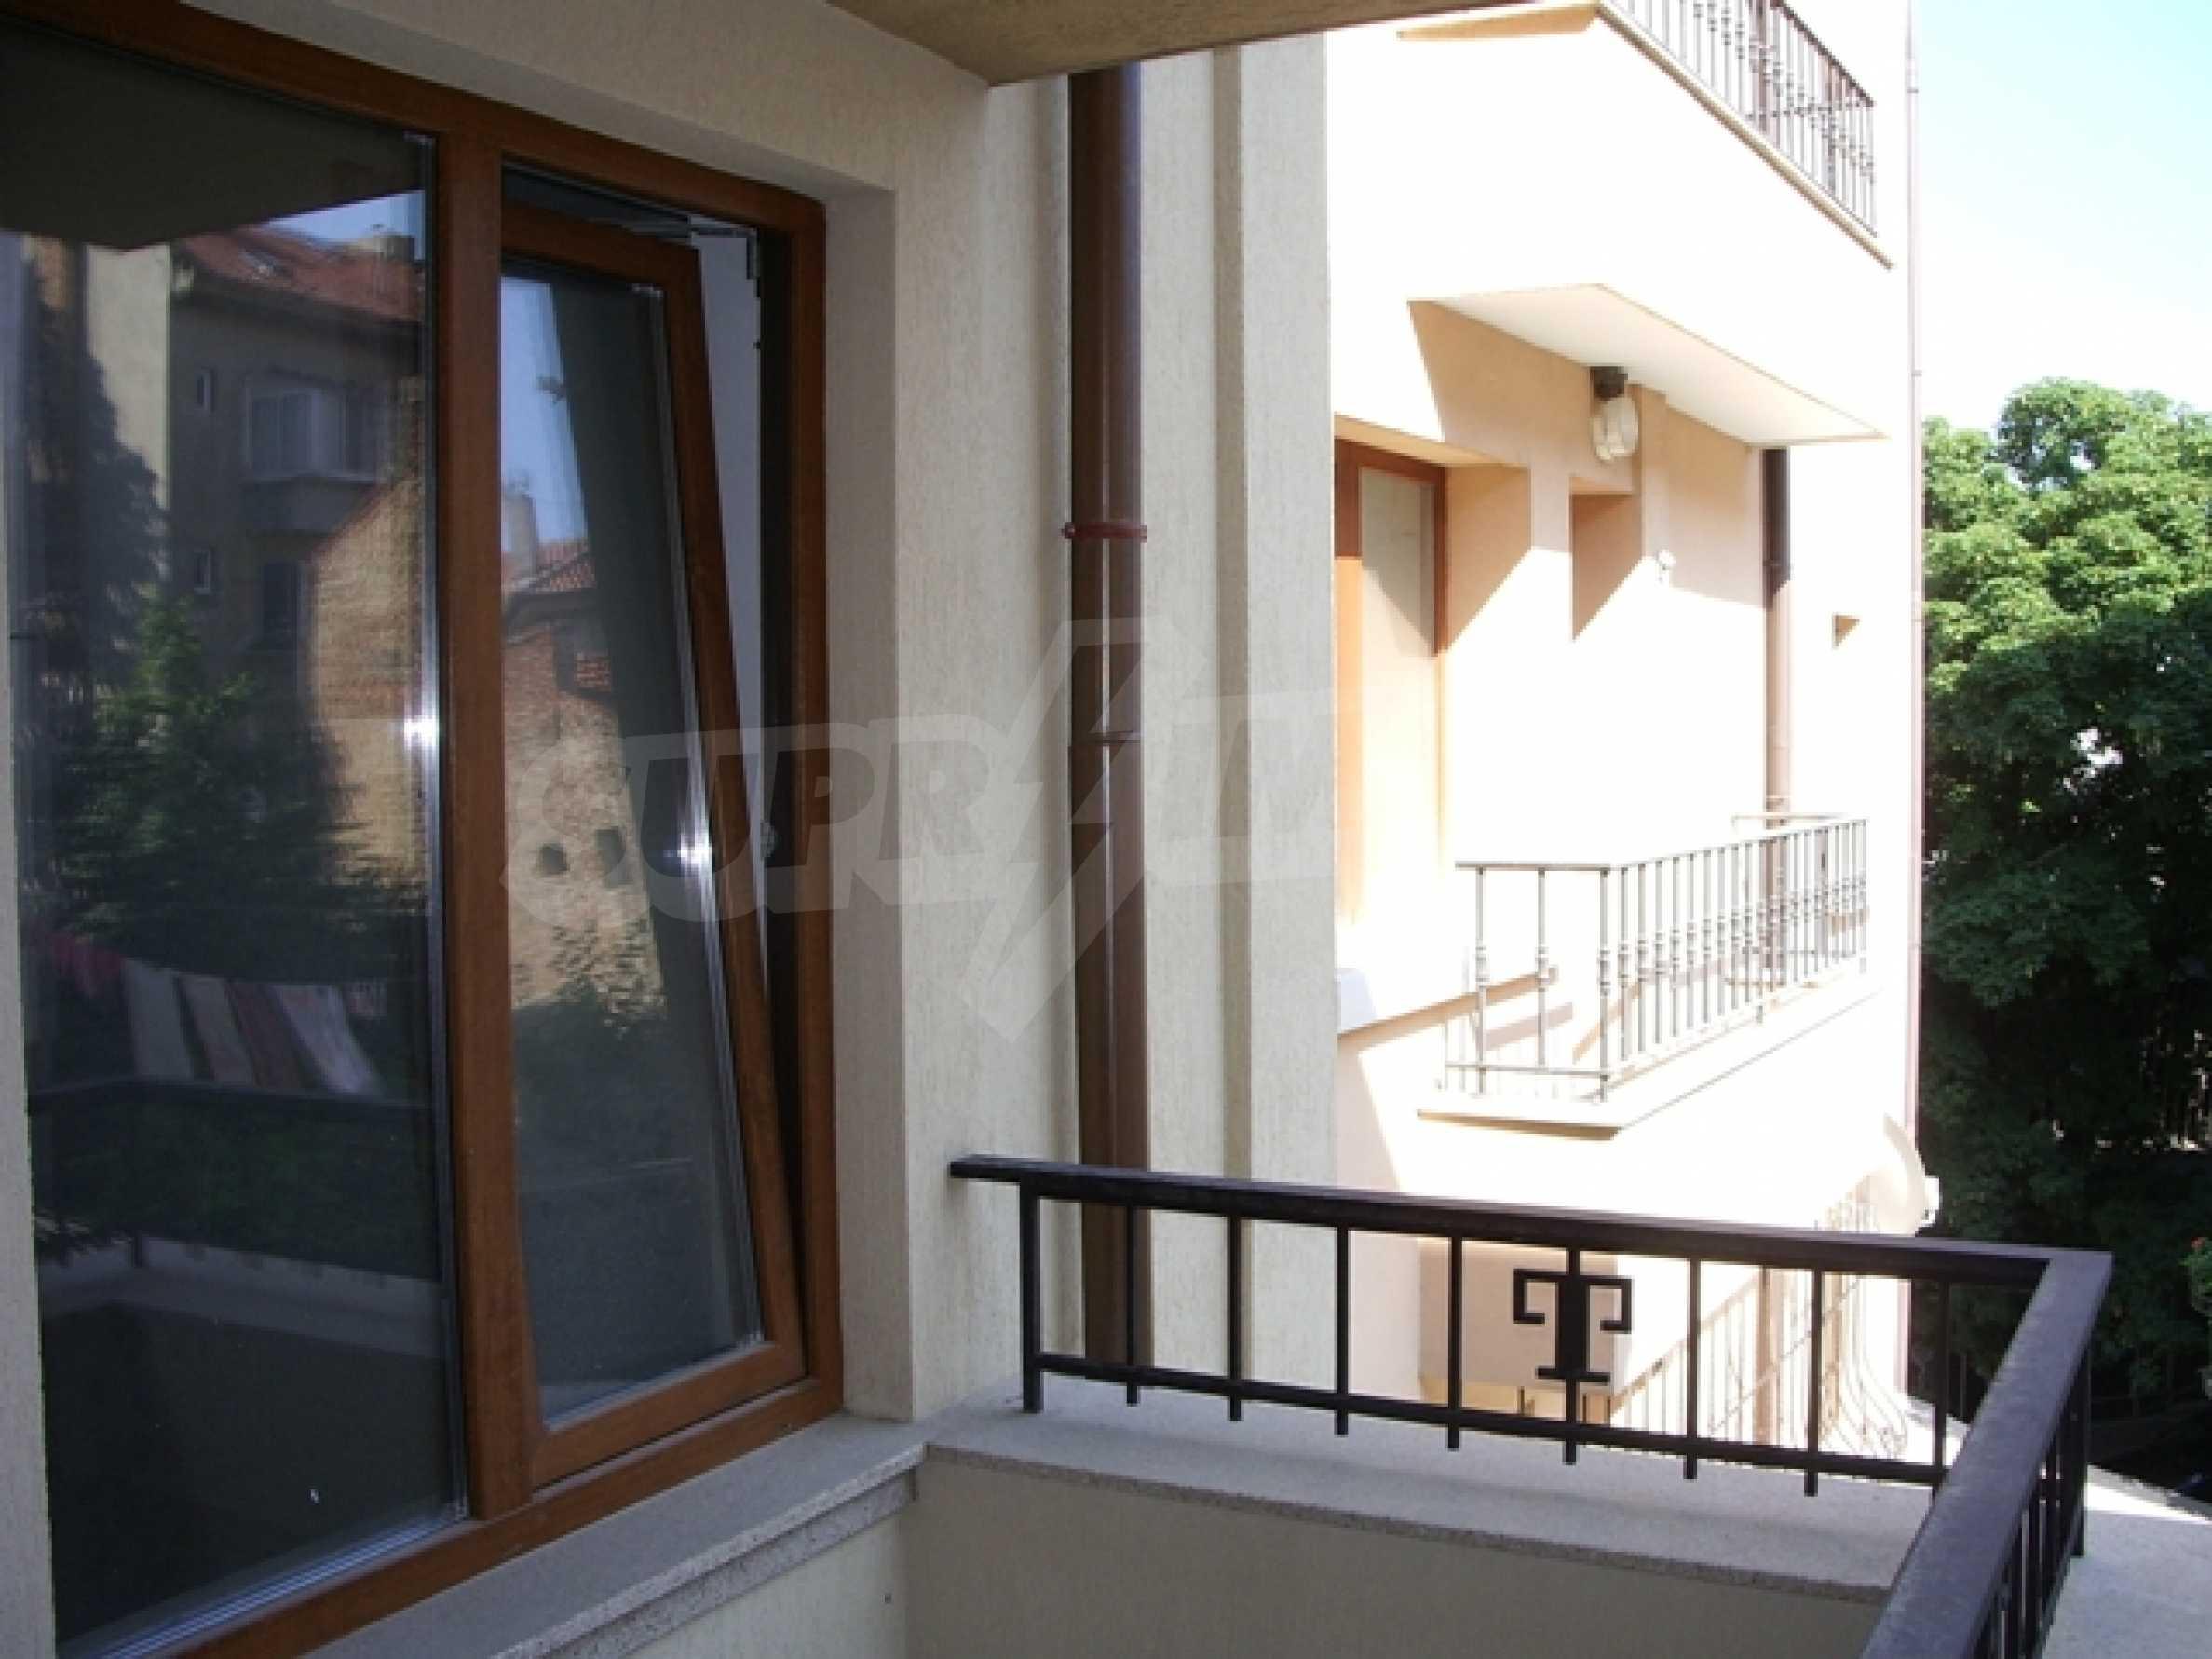 Апартаменти и офис в стилна сграда 14